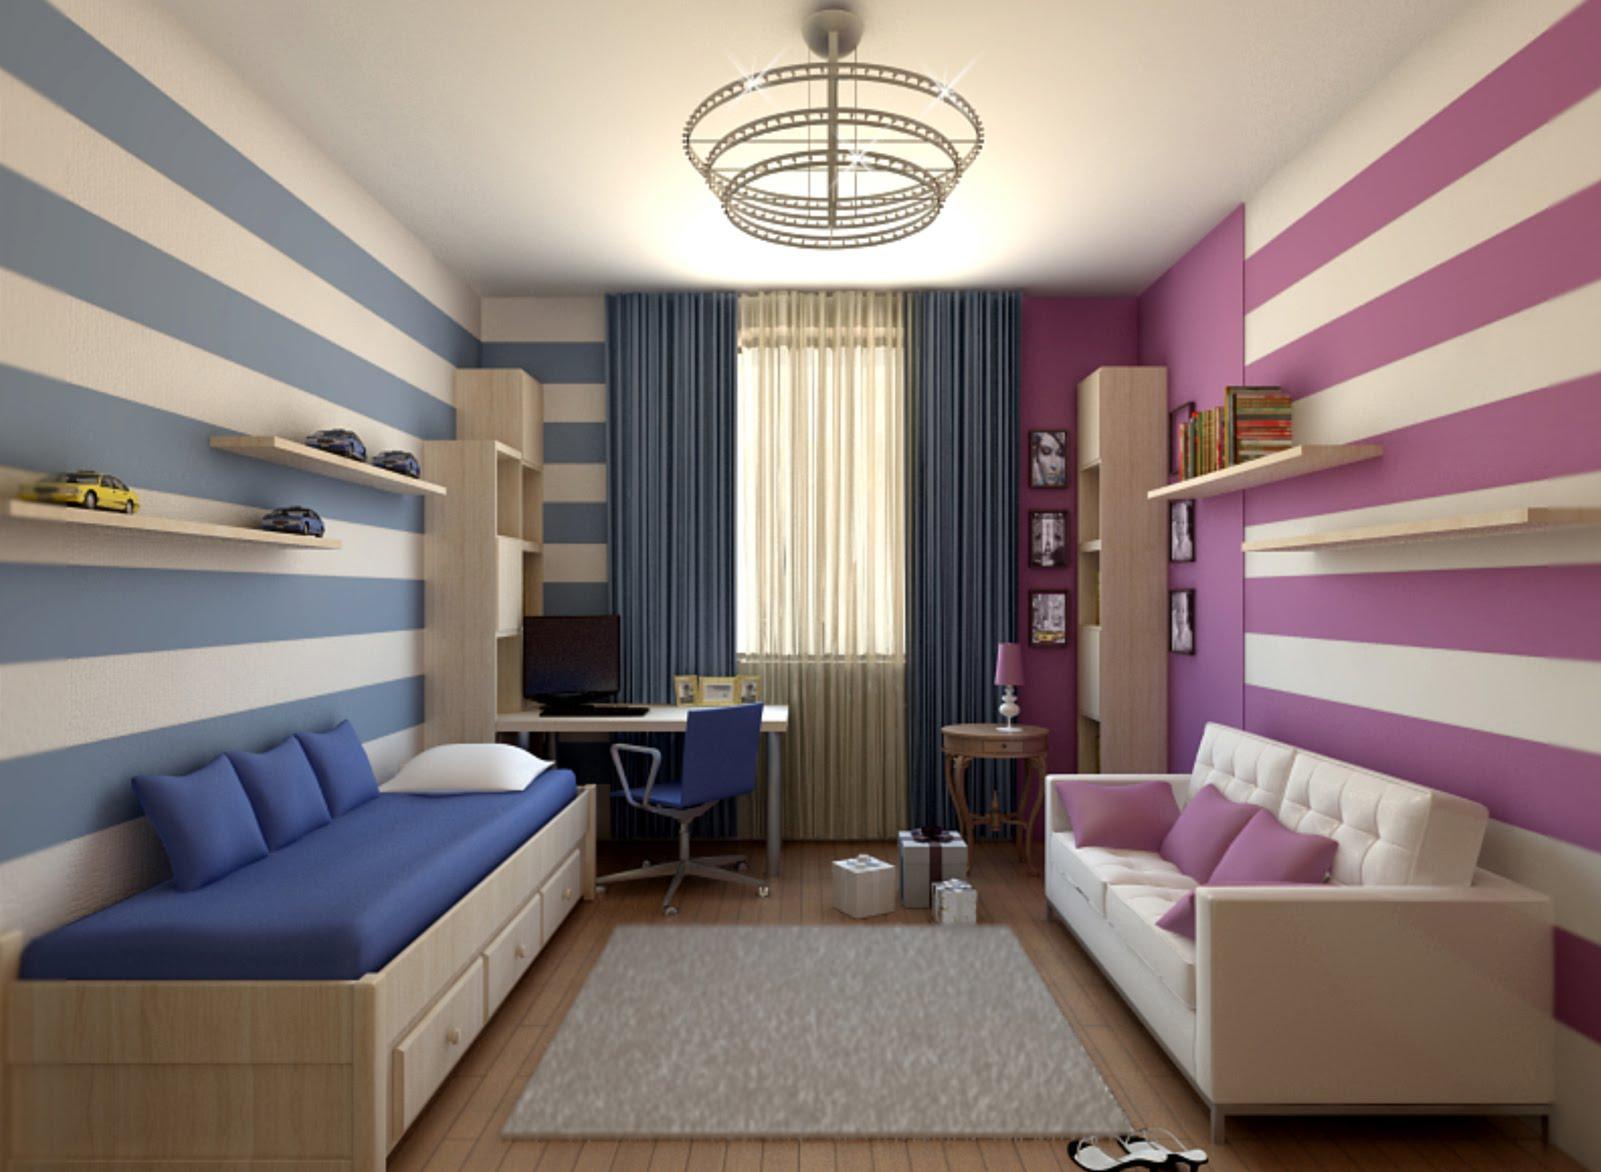 Дизайн детской комнаты для двух разнополых детей - идеи интерьера